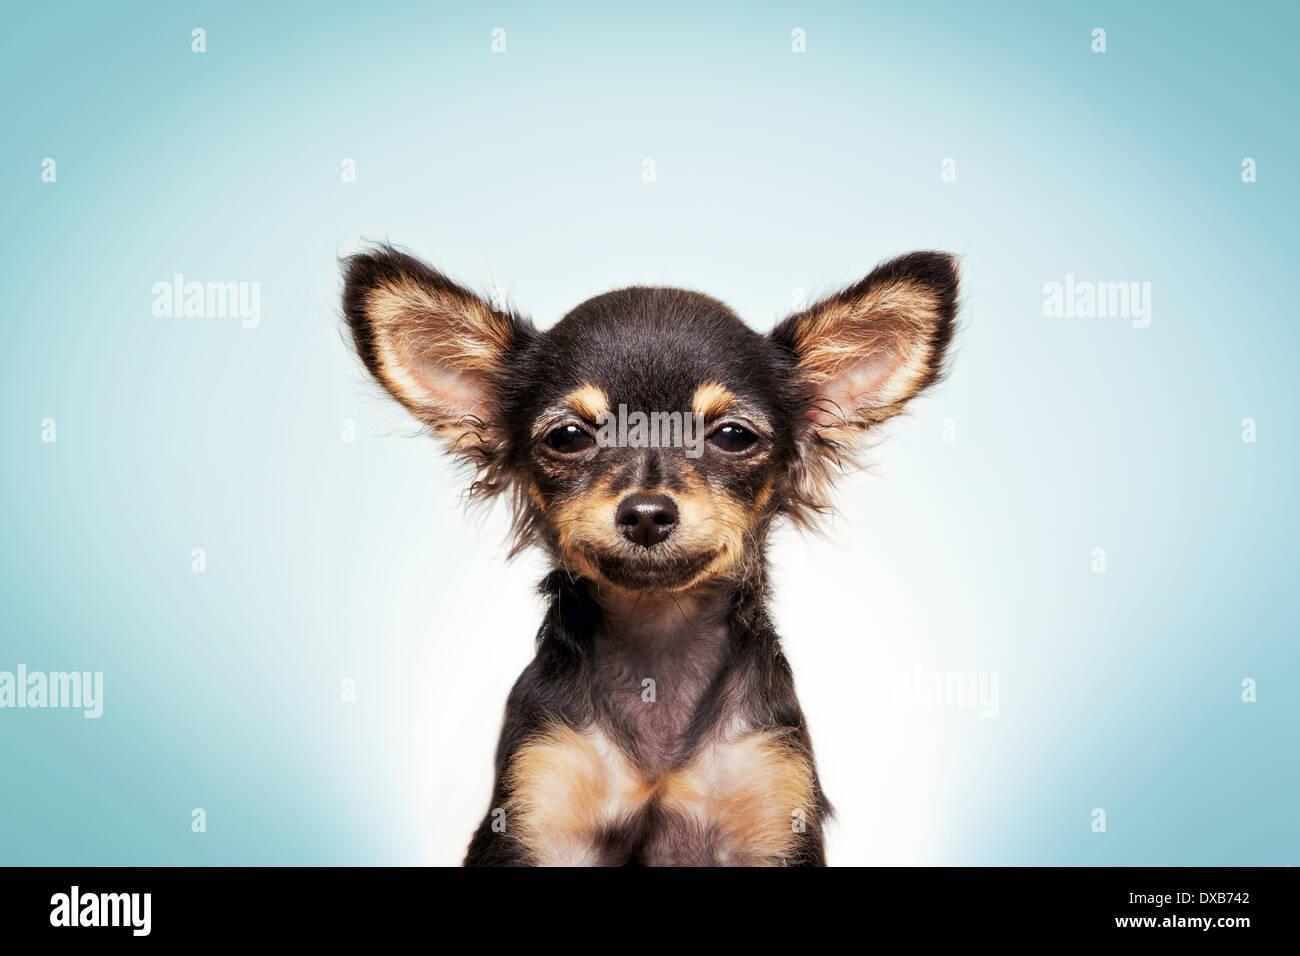 Chihuahua dog smiling, staring at camera. - Stock Image